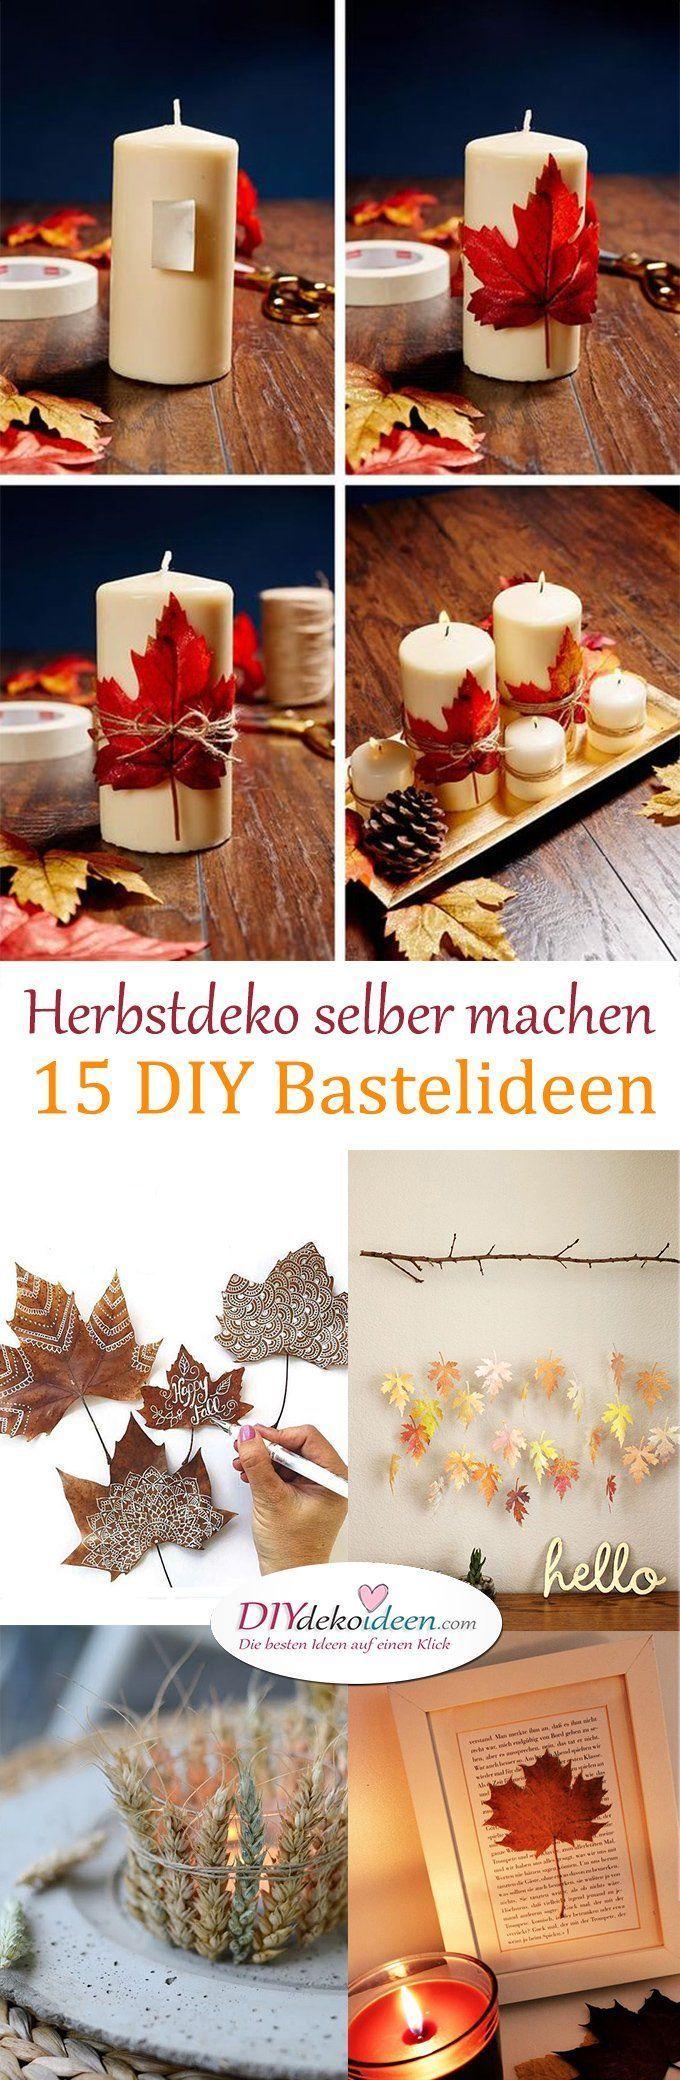 Herbstdeko selber machen – 15 DIY Bastelideen #ba…